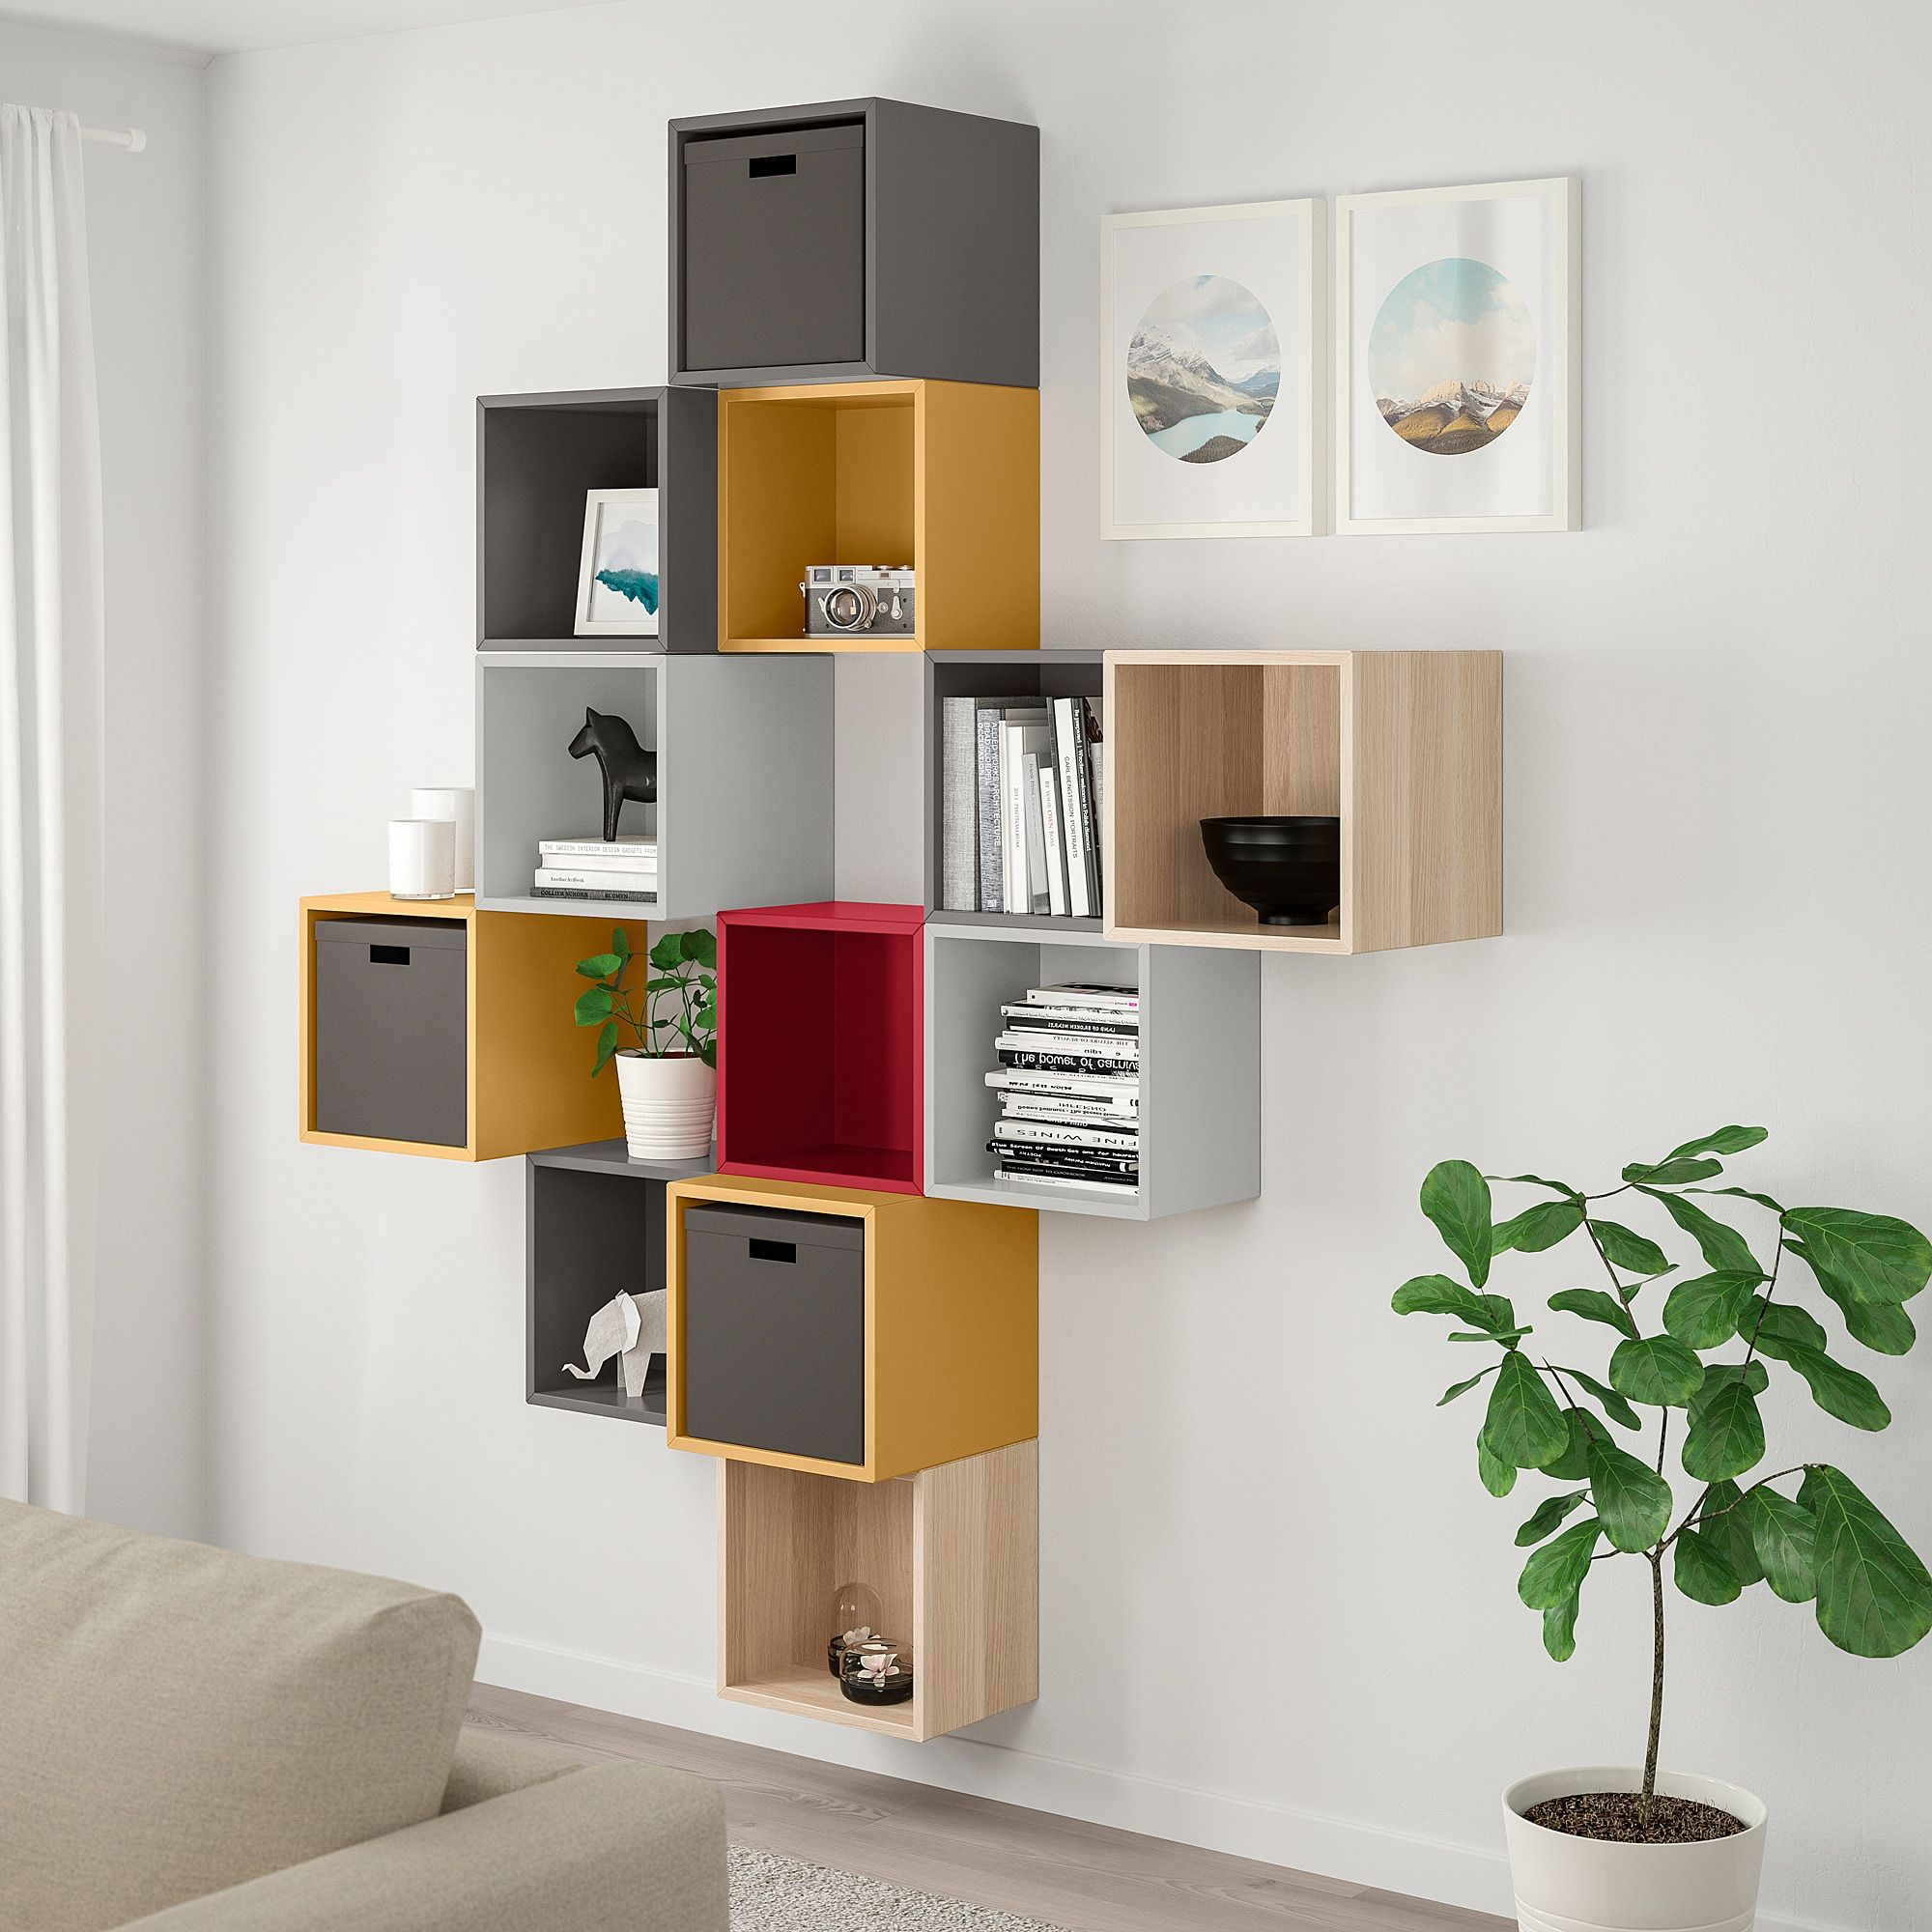 EKET Schrankkombination für Wandmontage - bunt 1 - IKEA ...